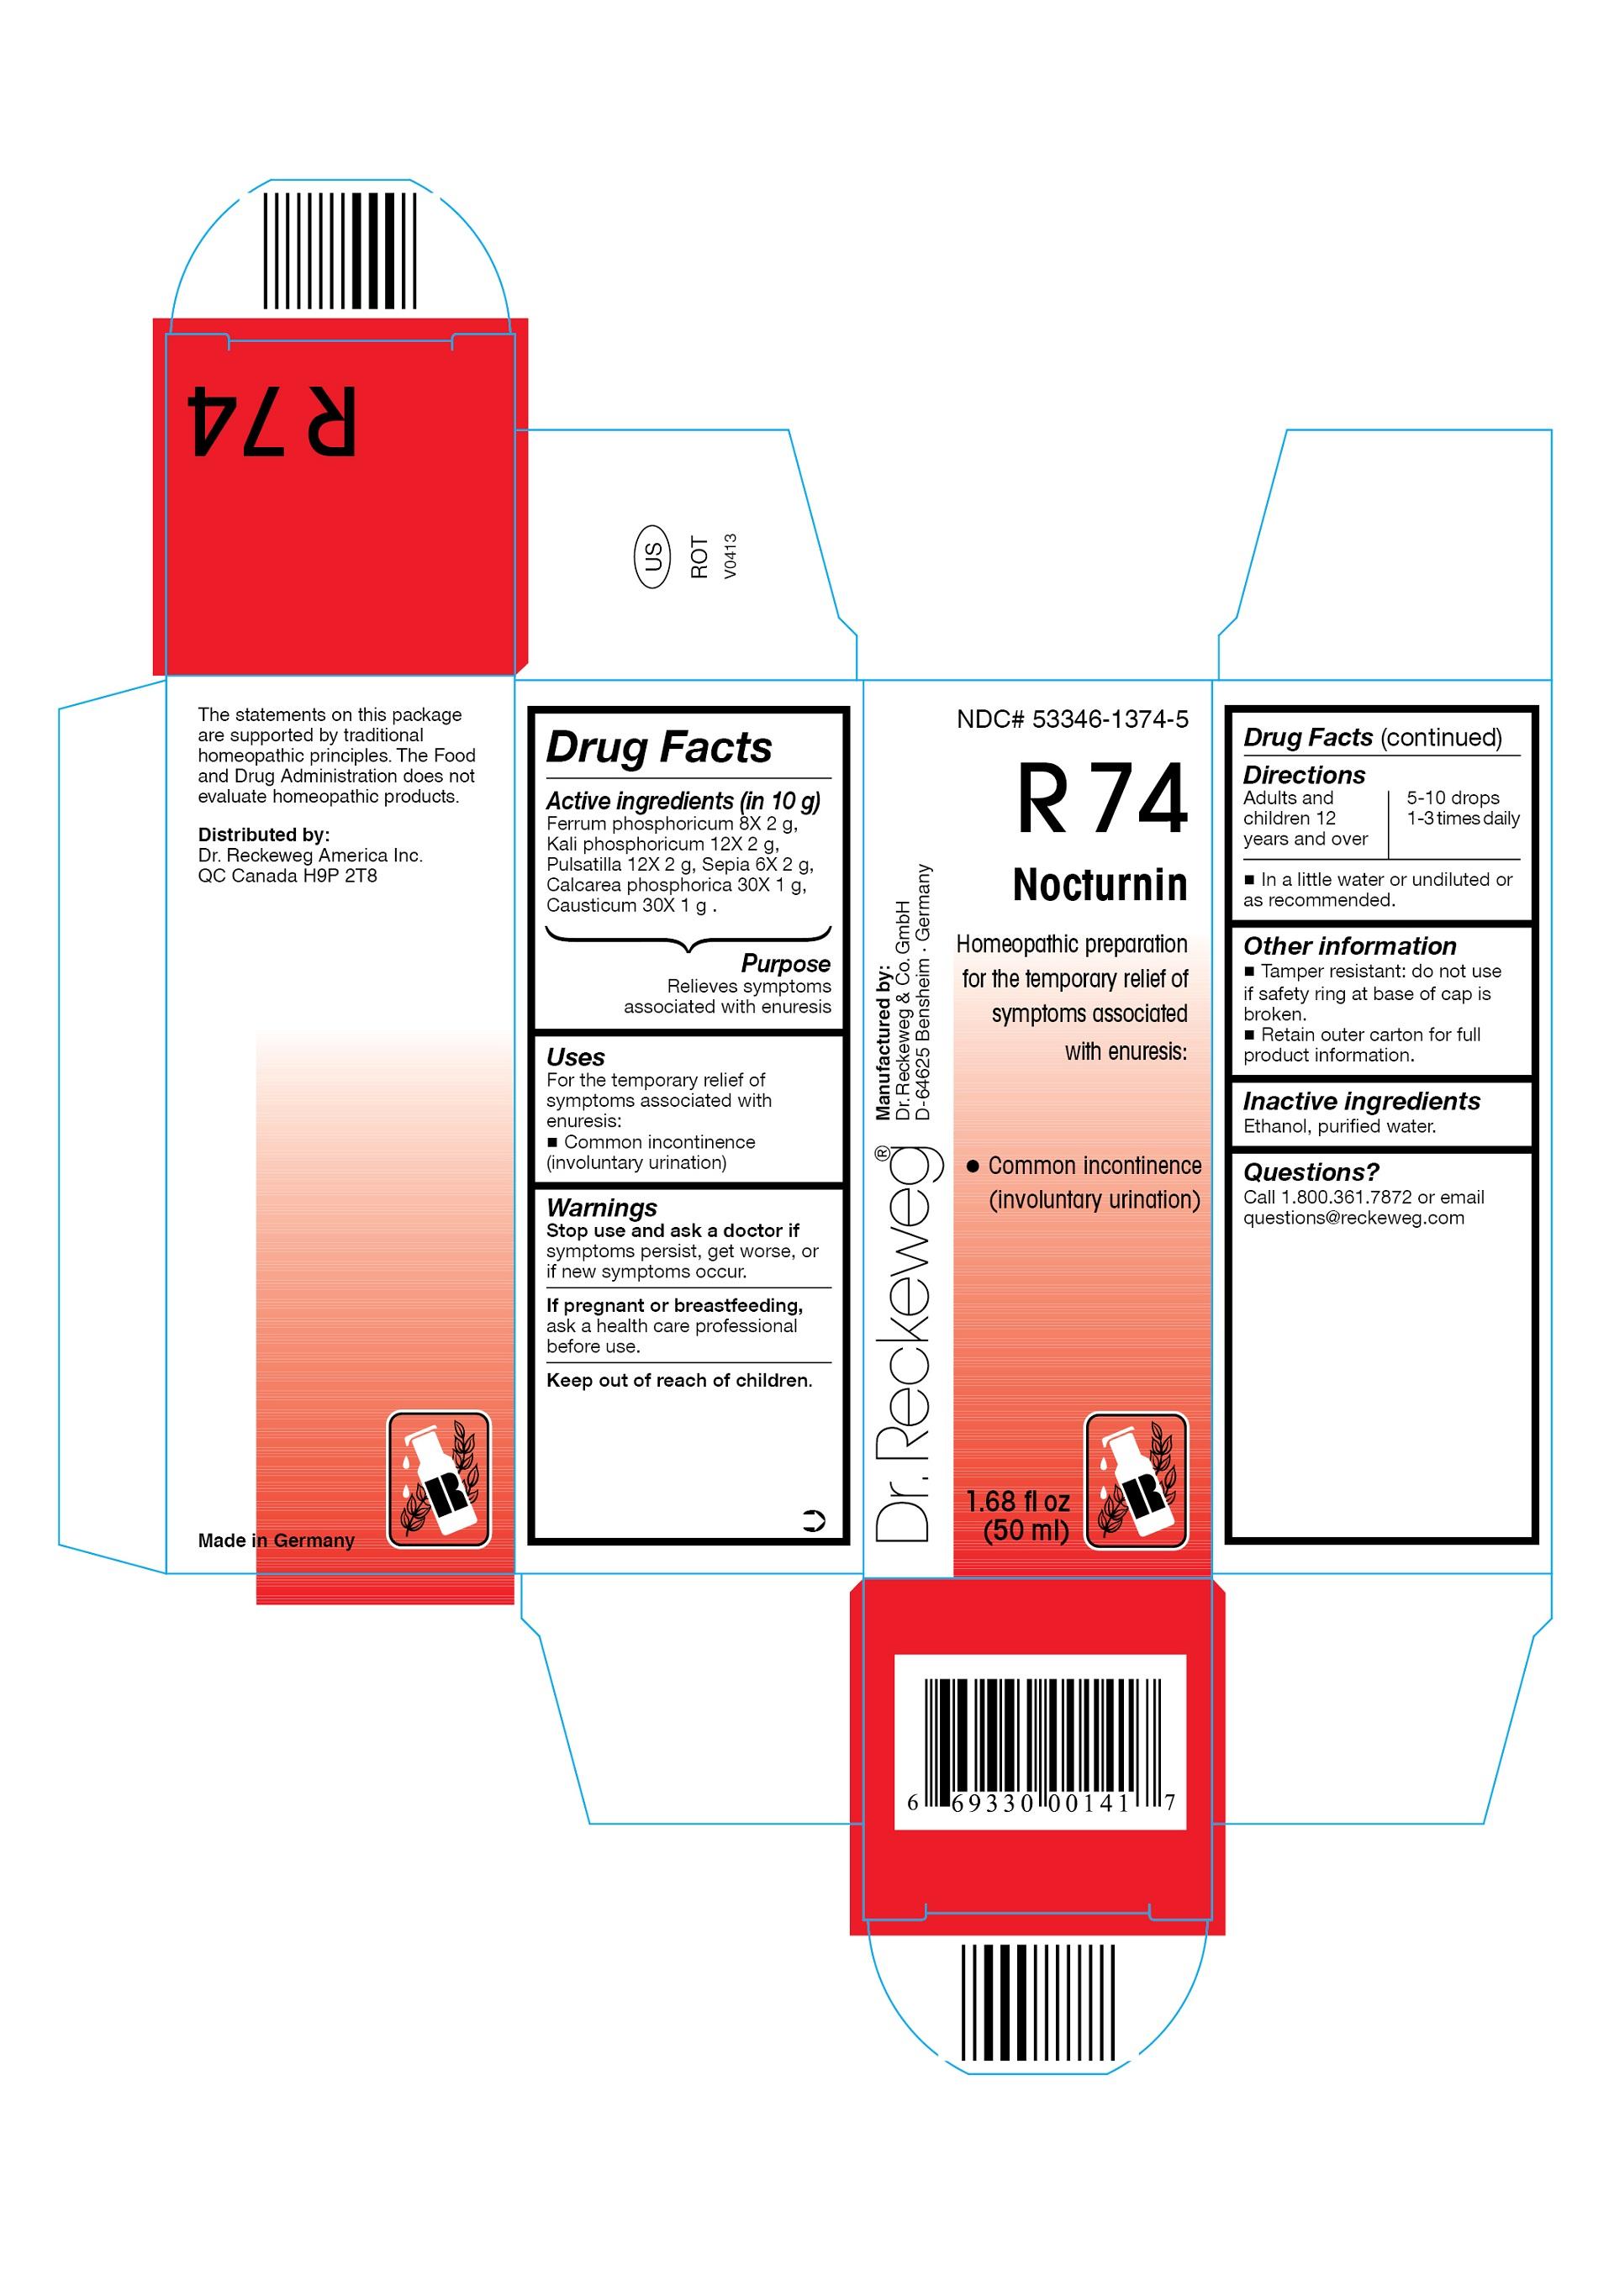 Dr. Reckeweg R74 Nocturnin Combination Product (Ferrum Phosphoricum 8x, Kali Phosphoricum 12x, Pulsatilla 12x, Sepia 6x, Calcarea Phosphorica 30x, Causticum 30x) Liquid [Pharmazeutische Fabrik Dr. Reckeweg & Co]